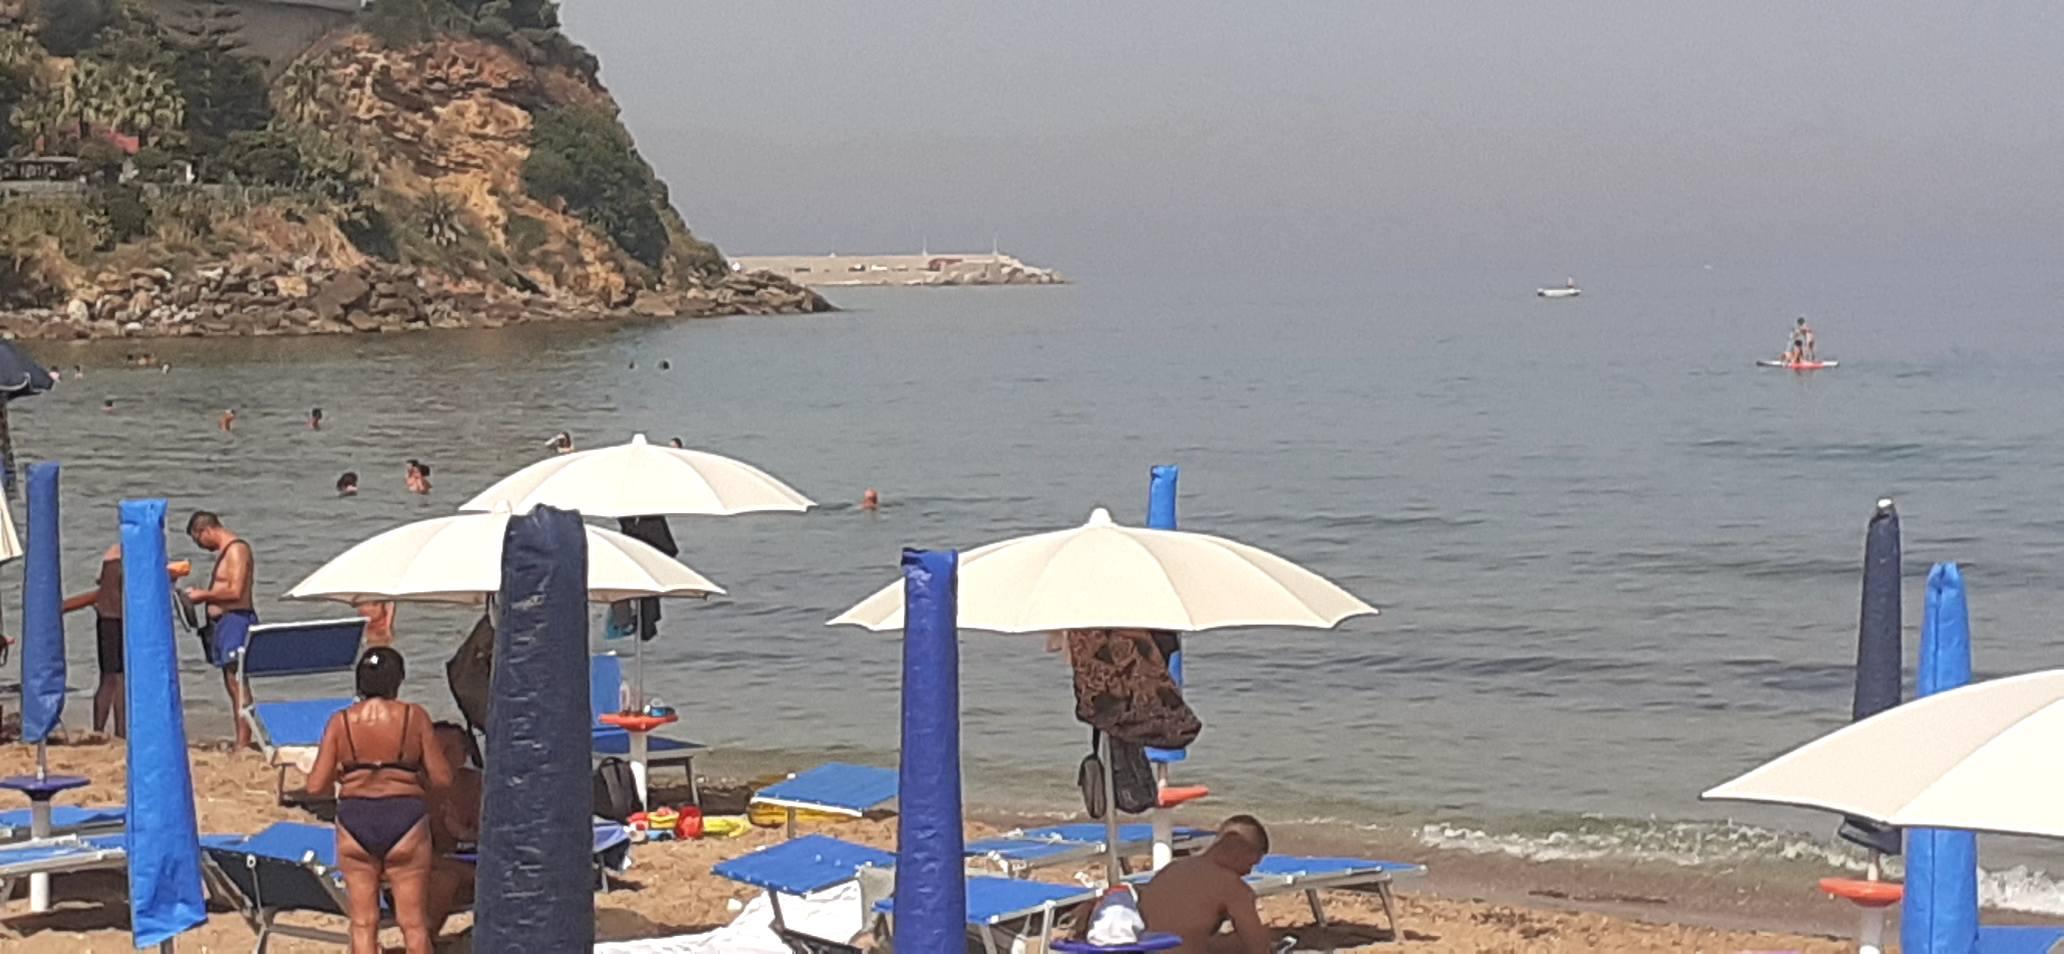 Lido el Pam Pam Spiaggia Trappeto